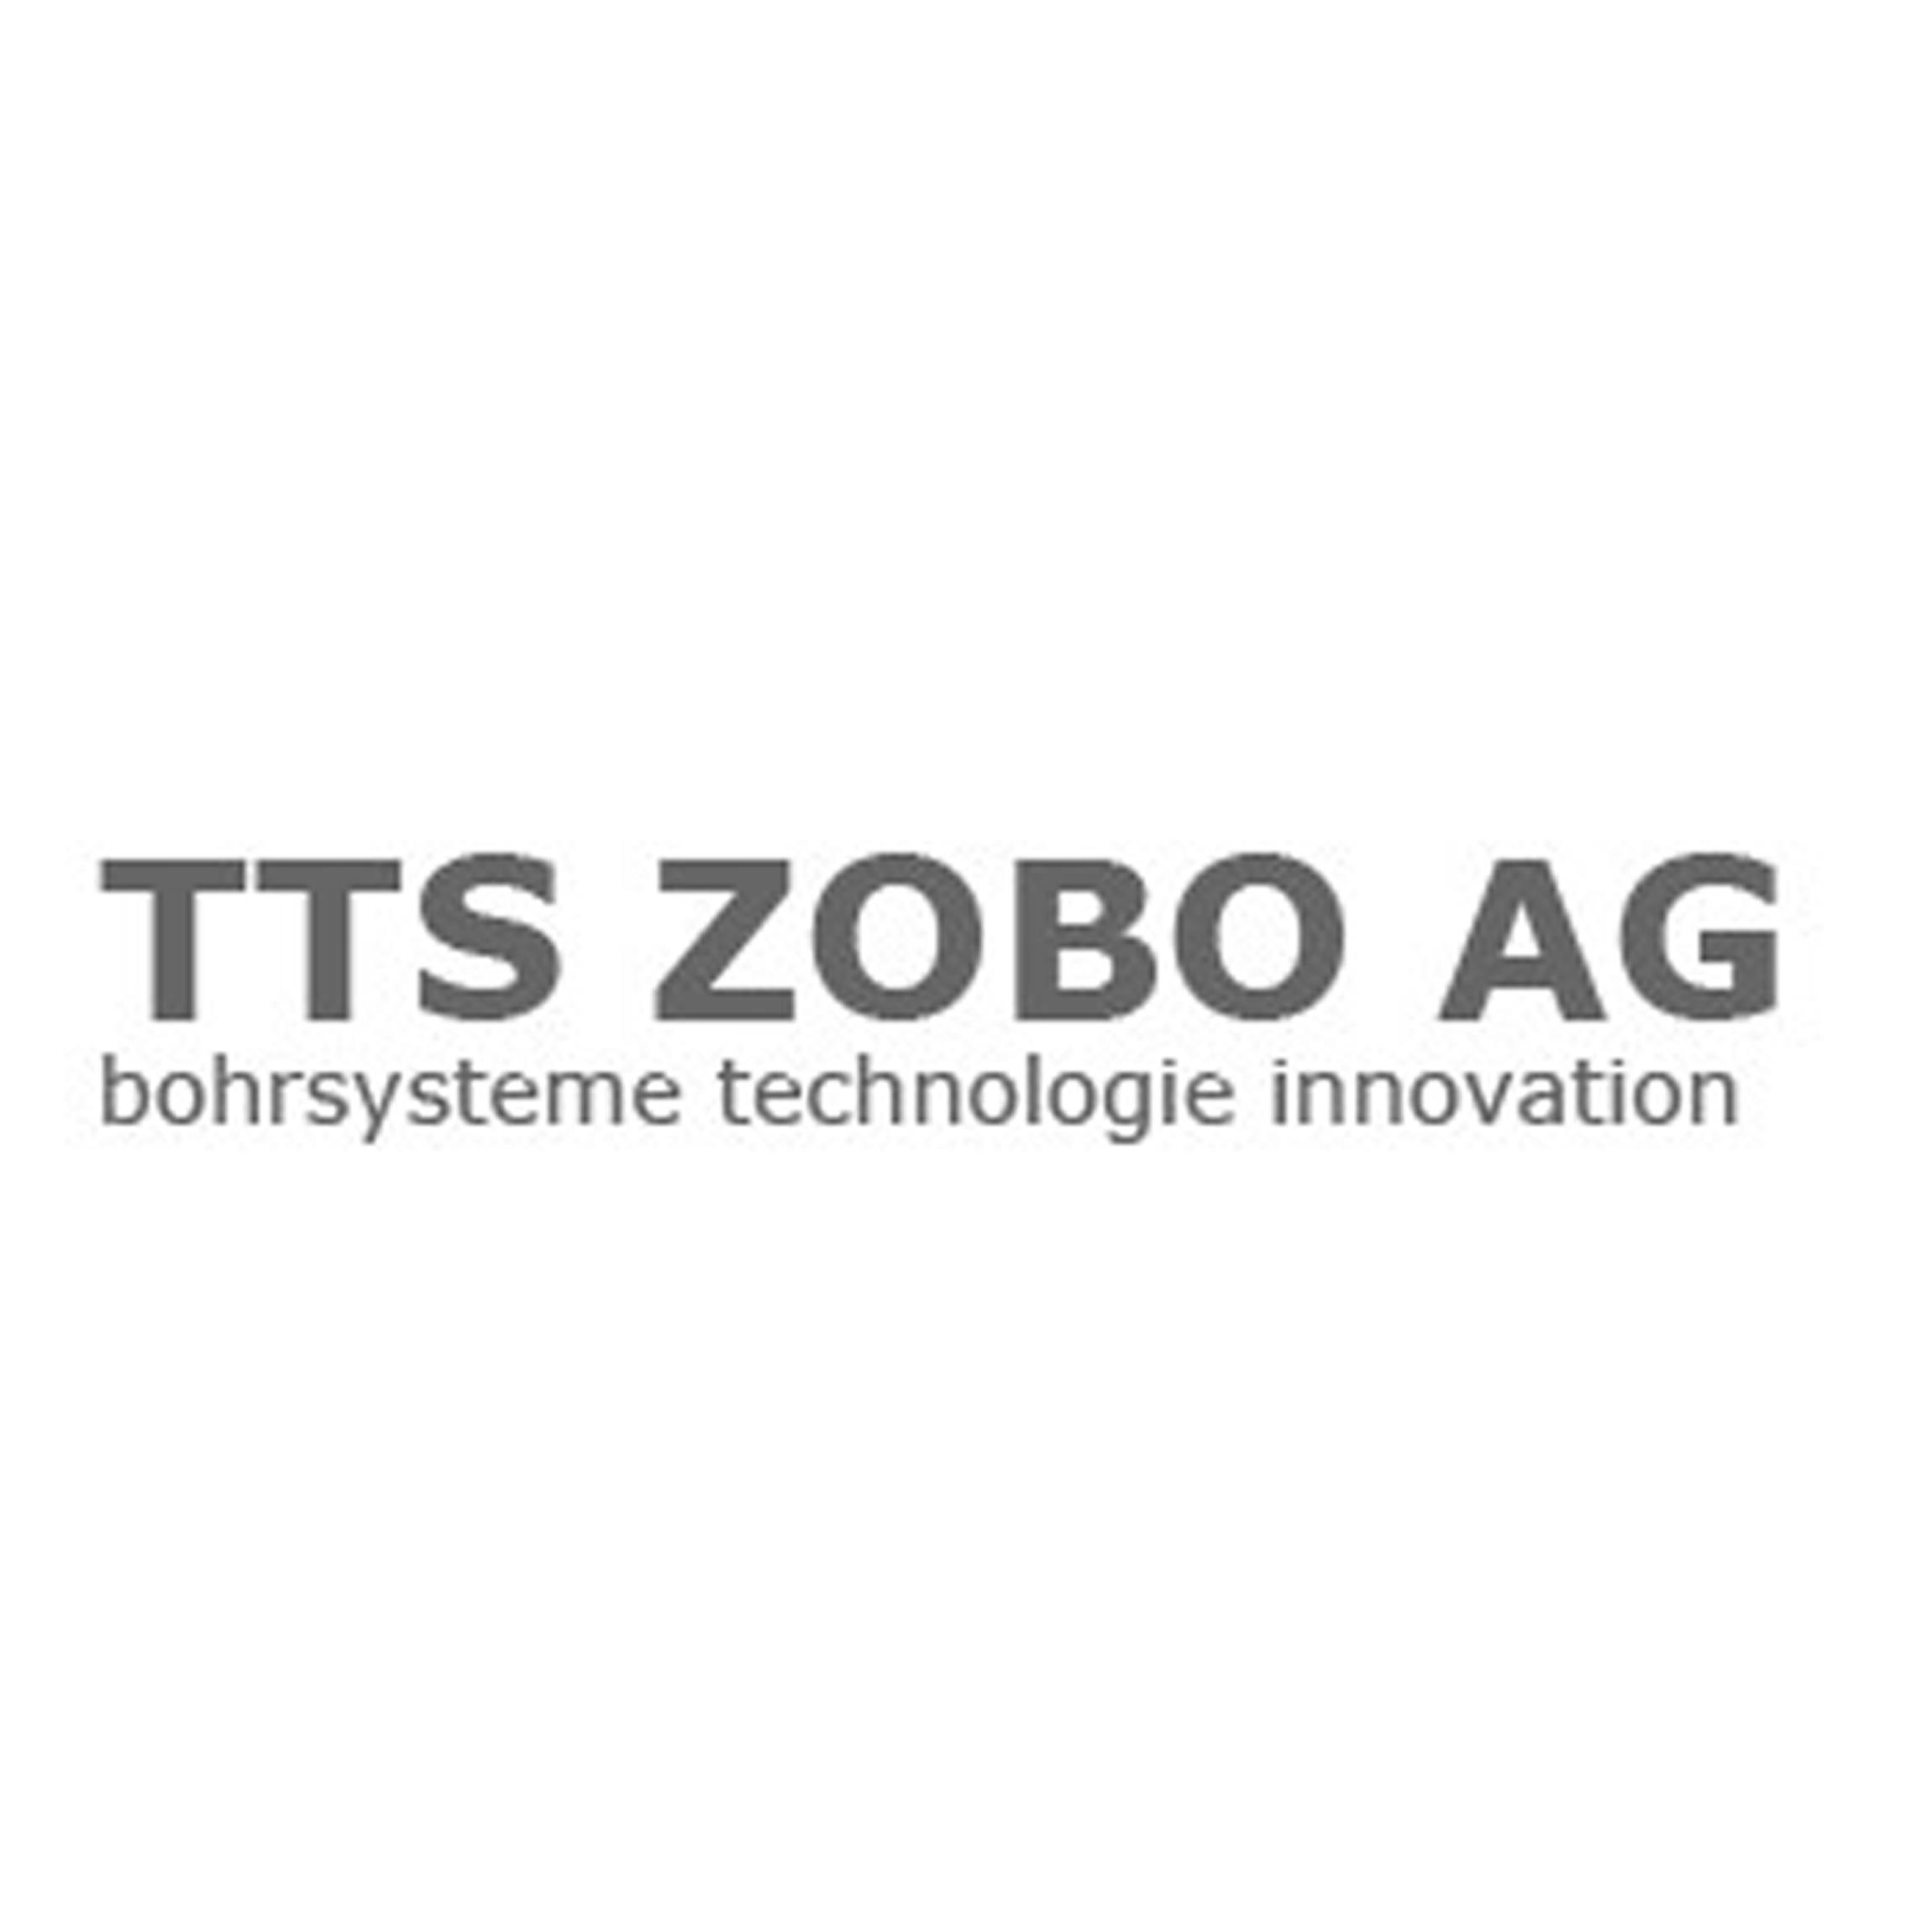 TTS ZOBO AG